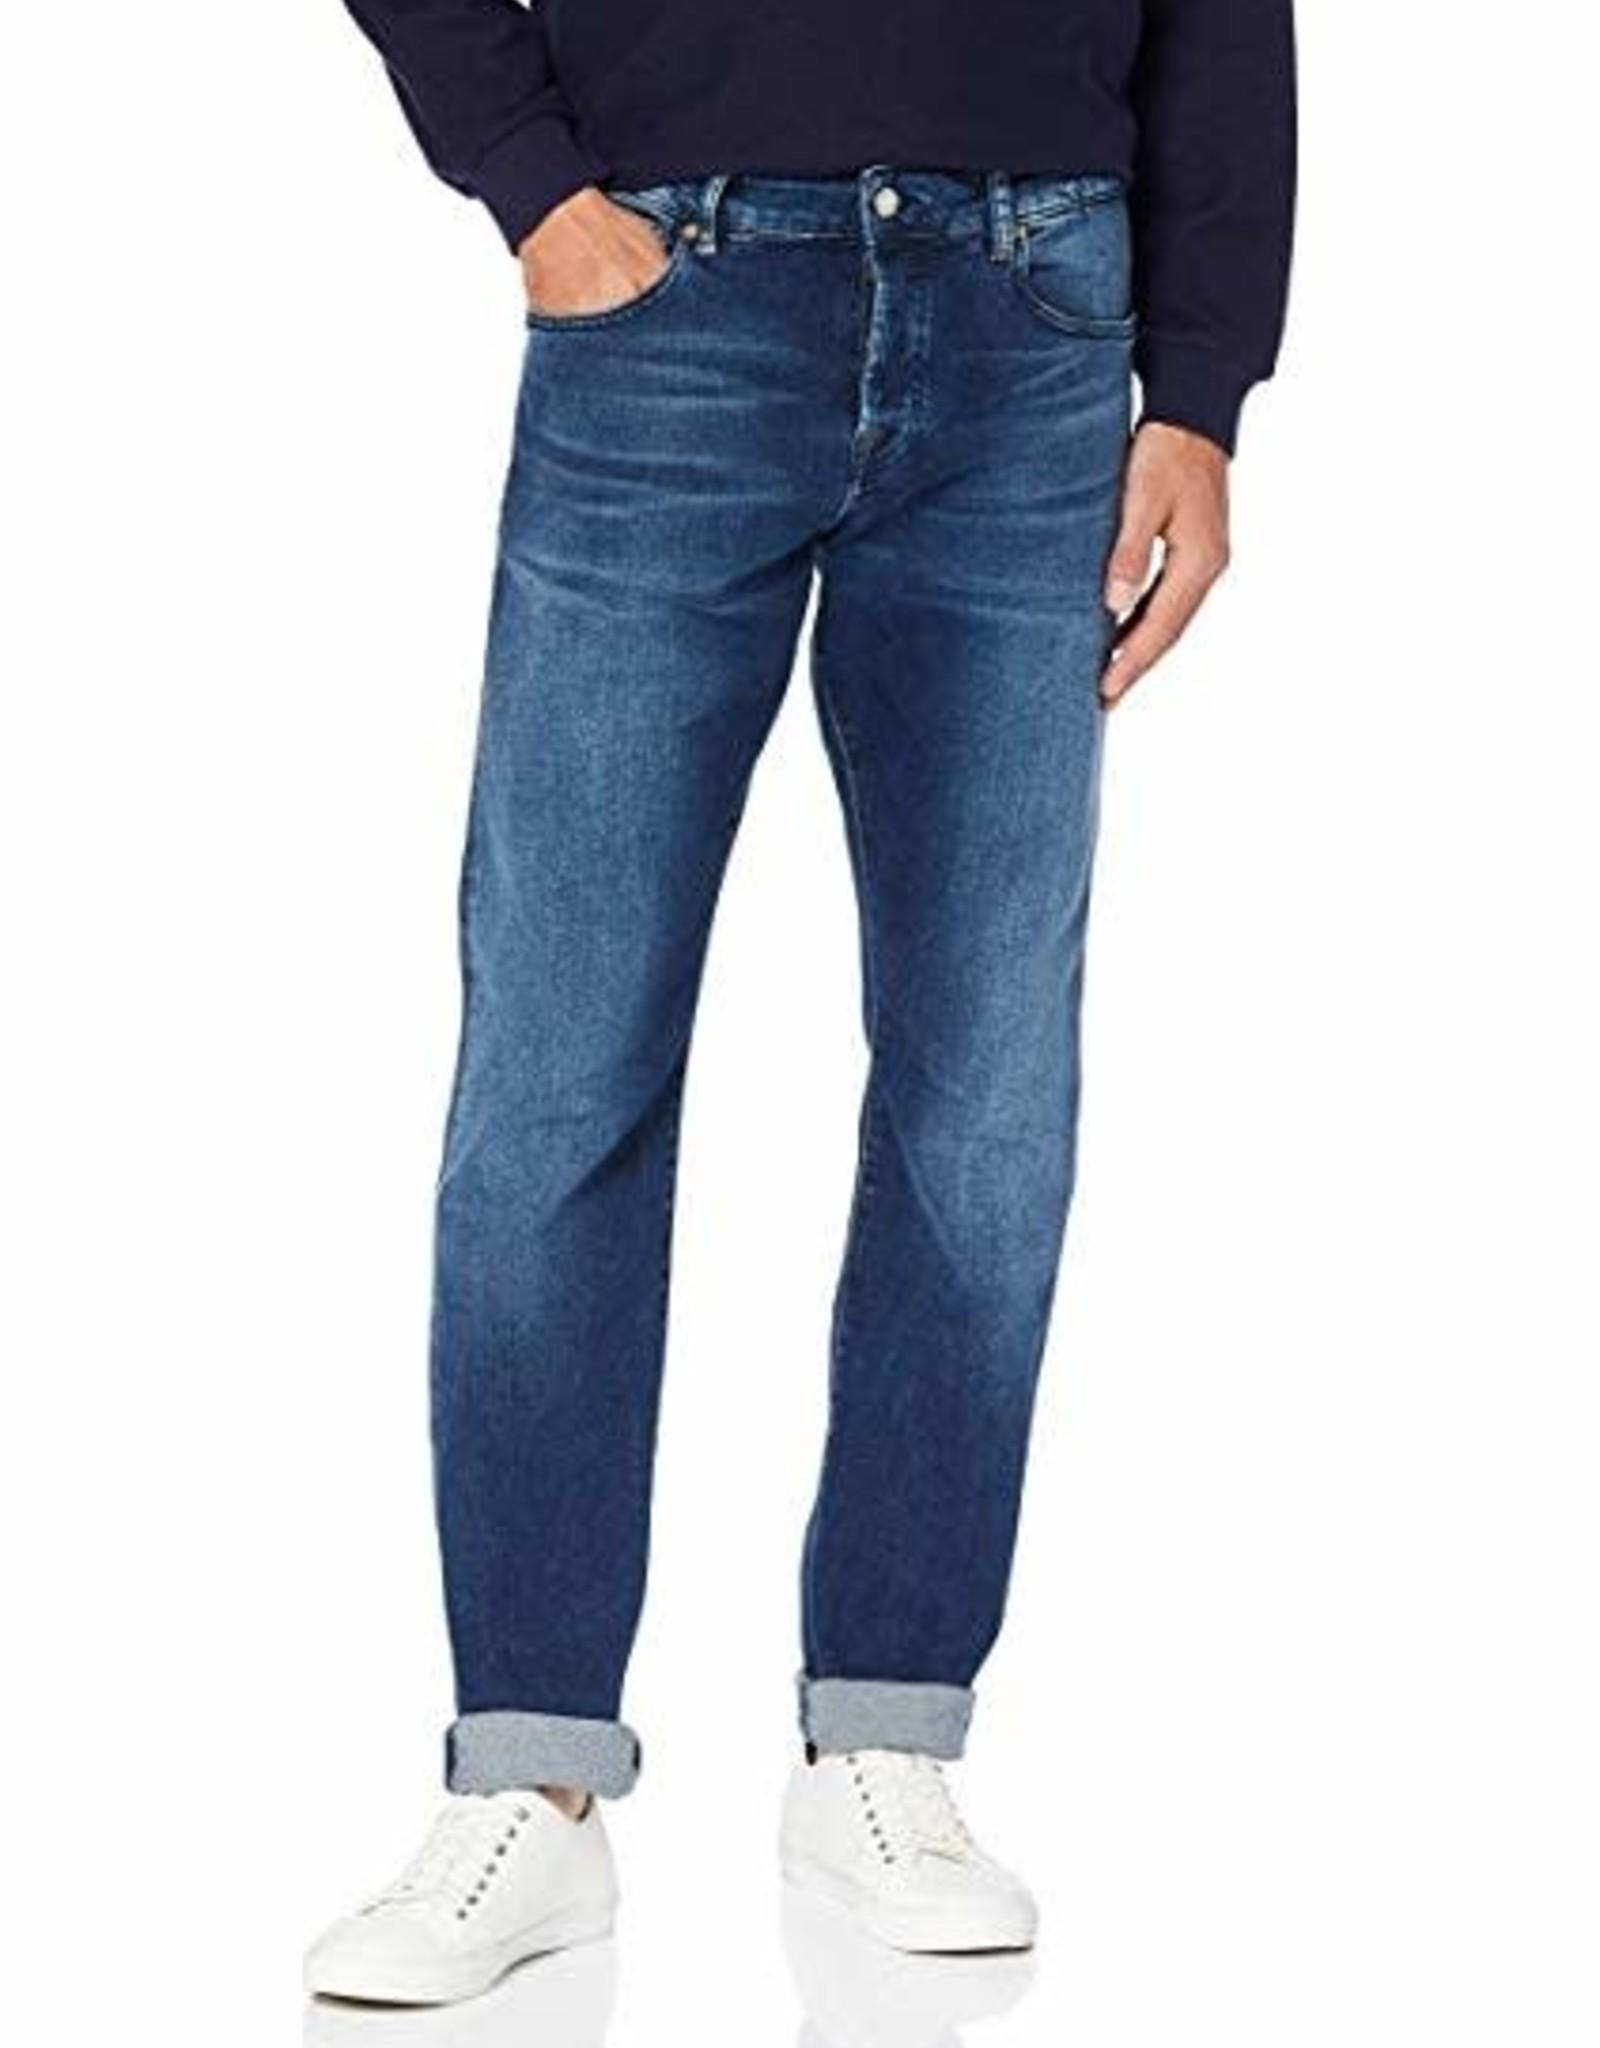 Scotch & Soda SS Ralston Jeans